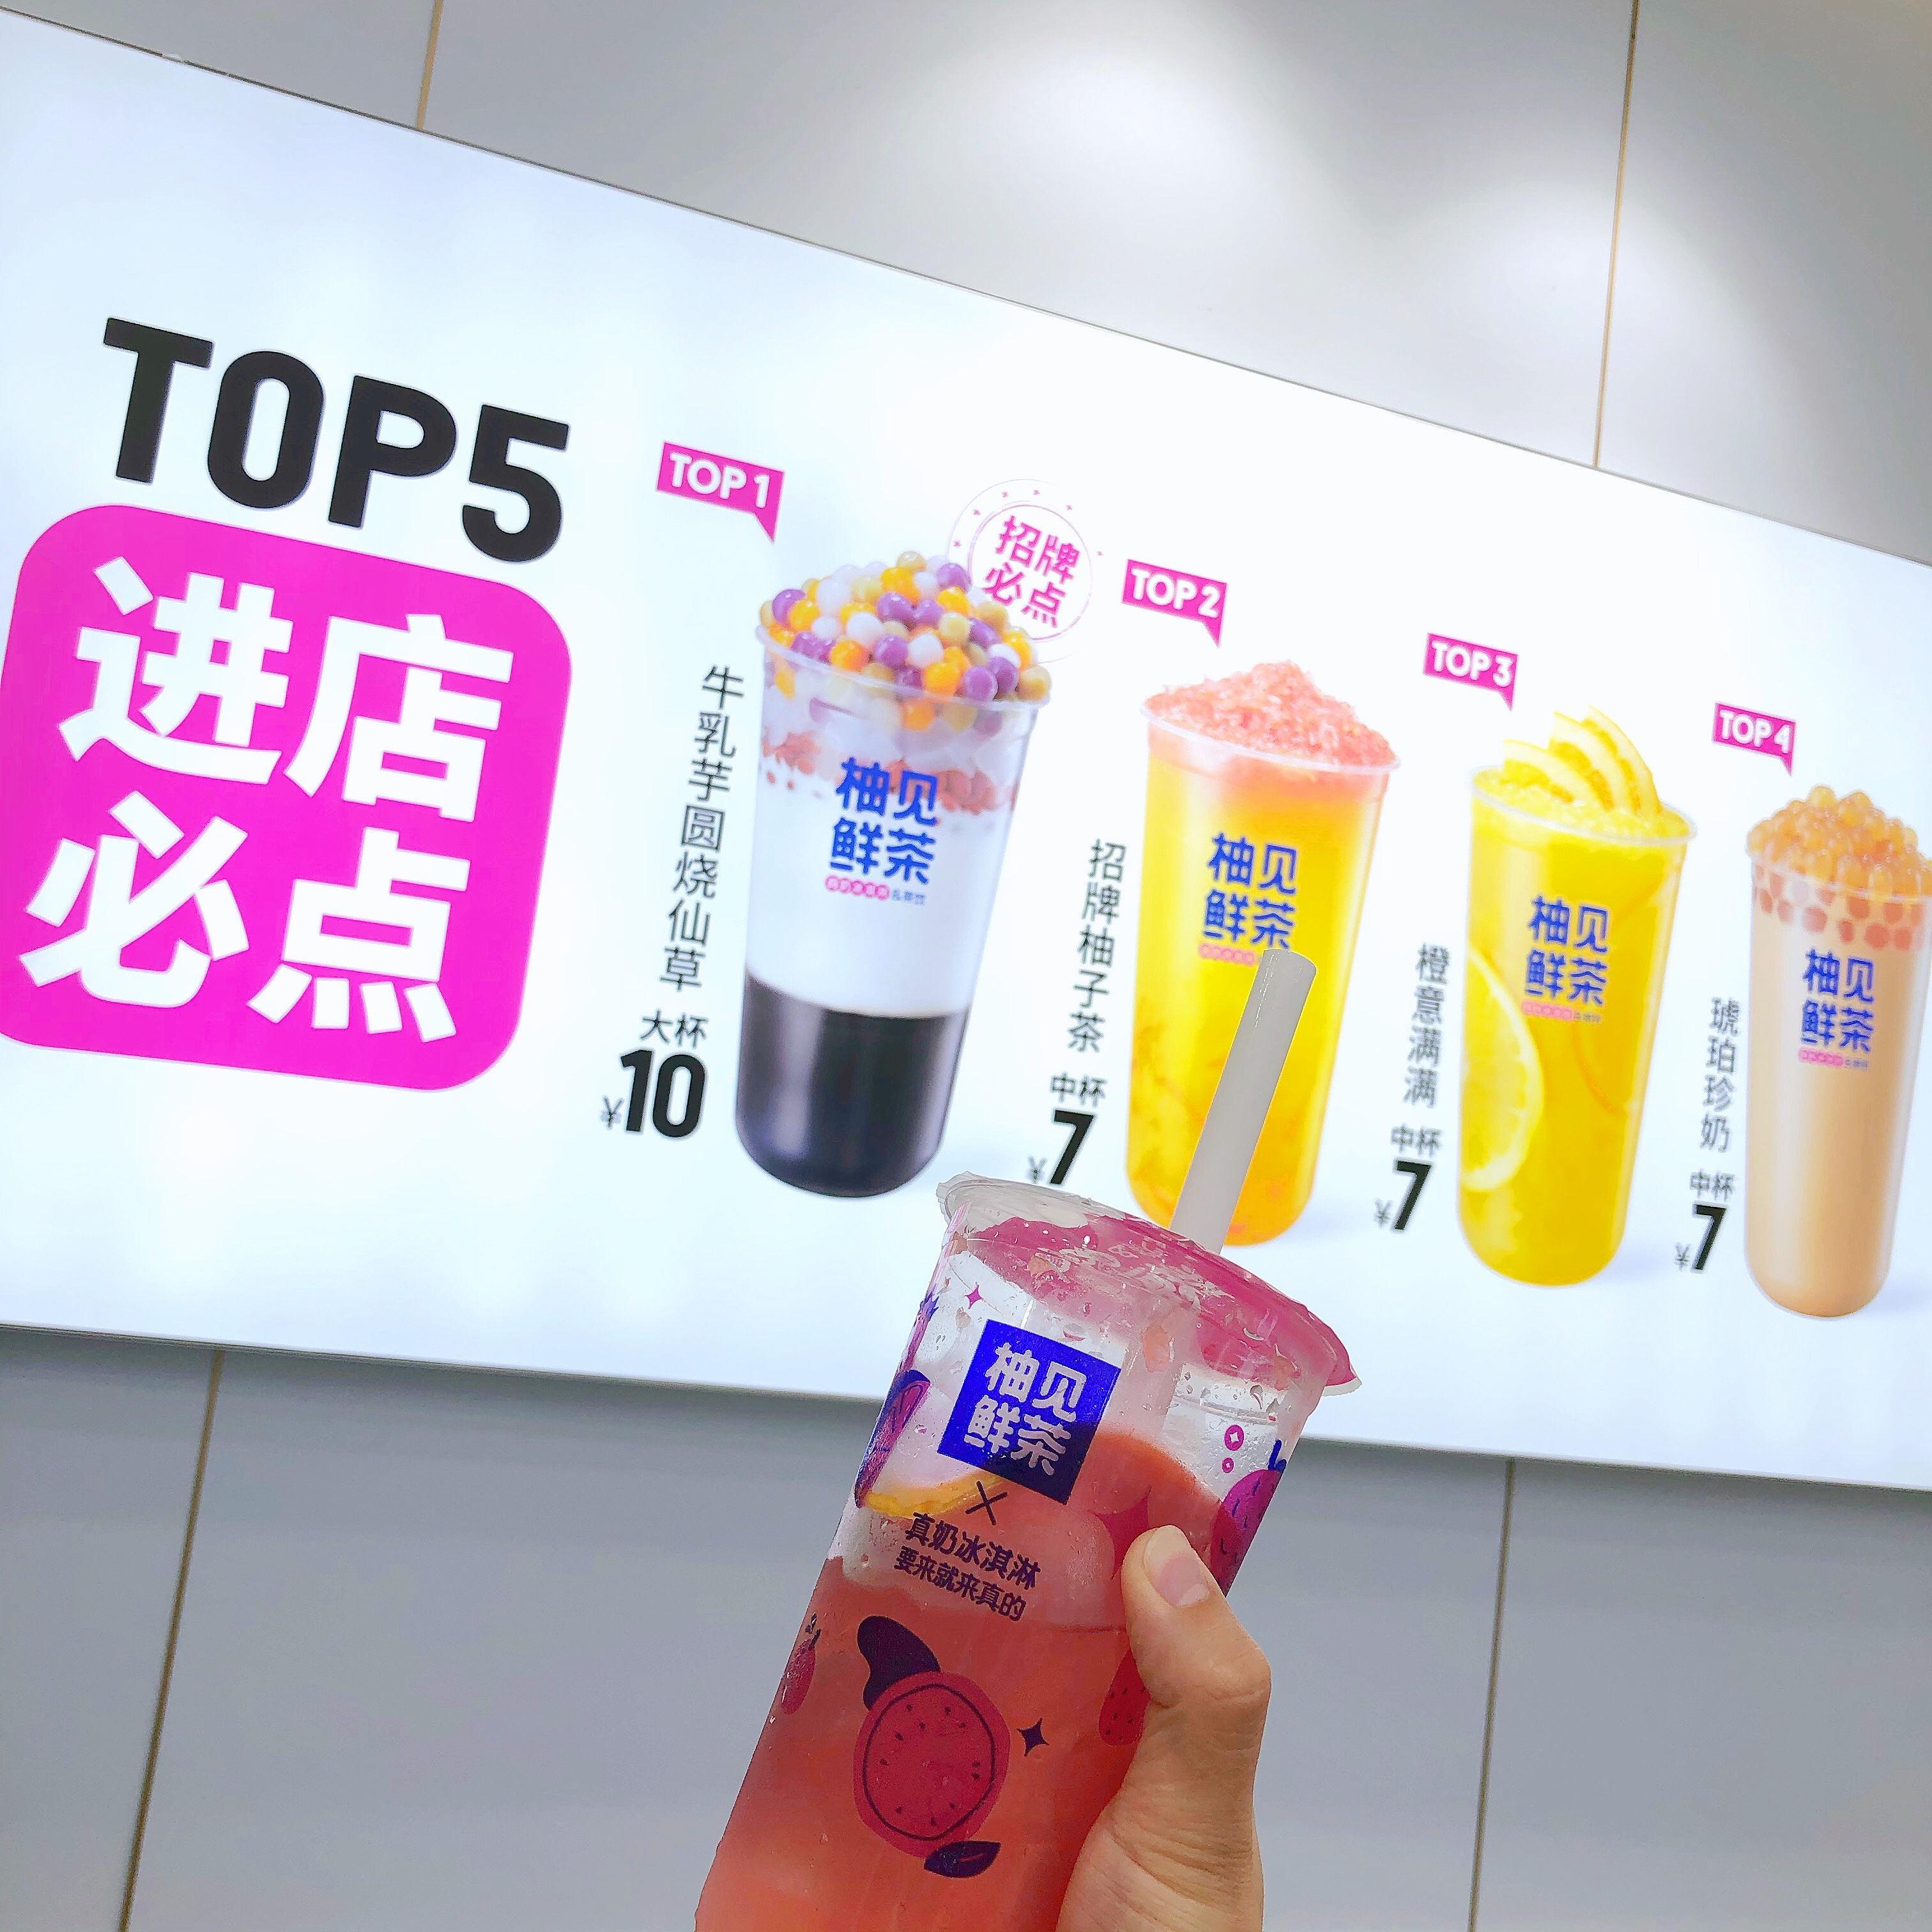 柚见鲜茶奶茶加盟